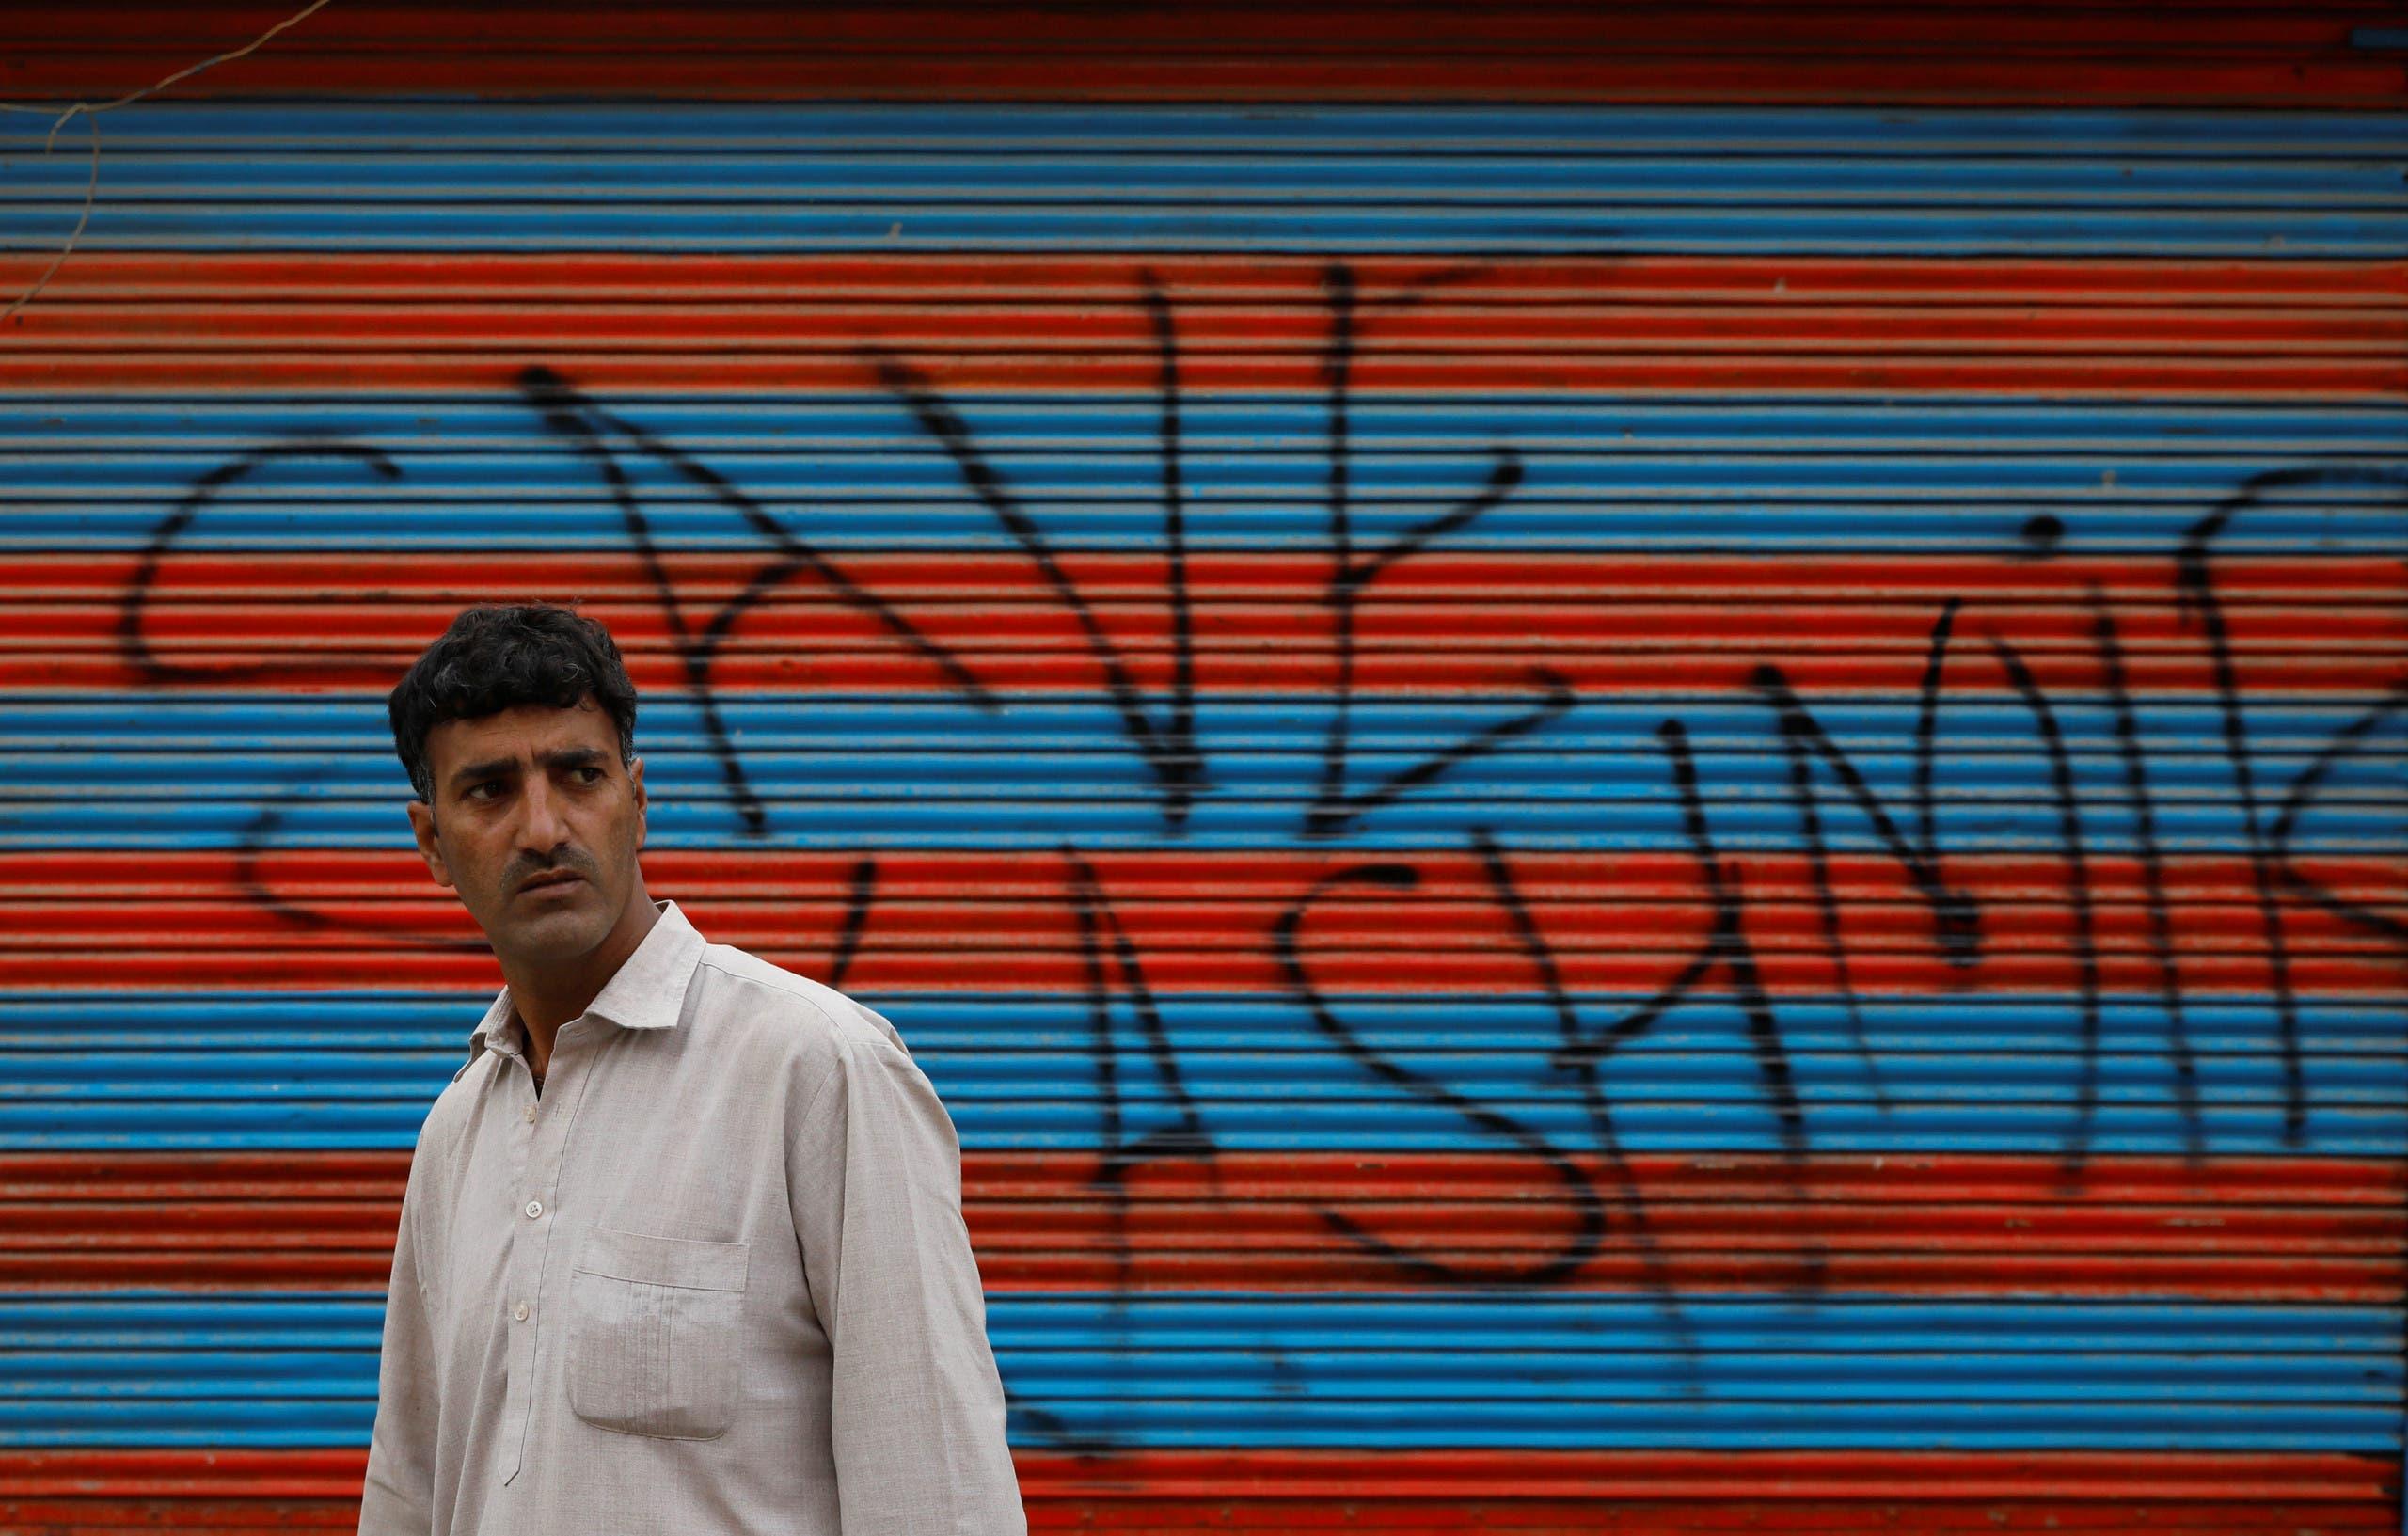 رجل يمر قرب متجر مغلق في كشمير كُتب على حائطه شعار مناهض للقيود الهندية